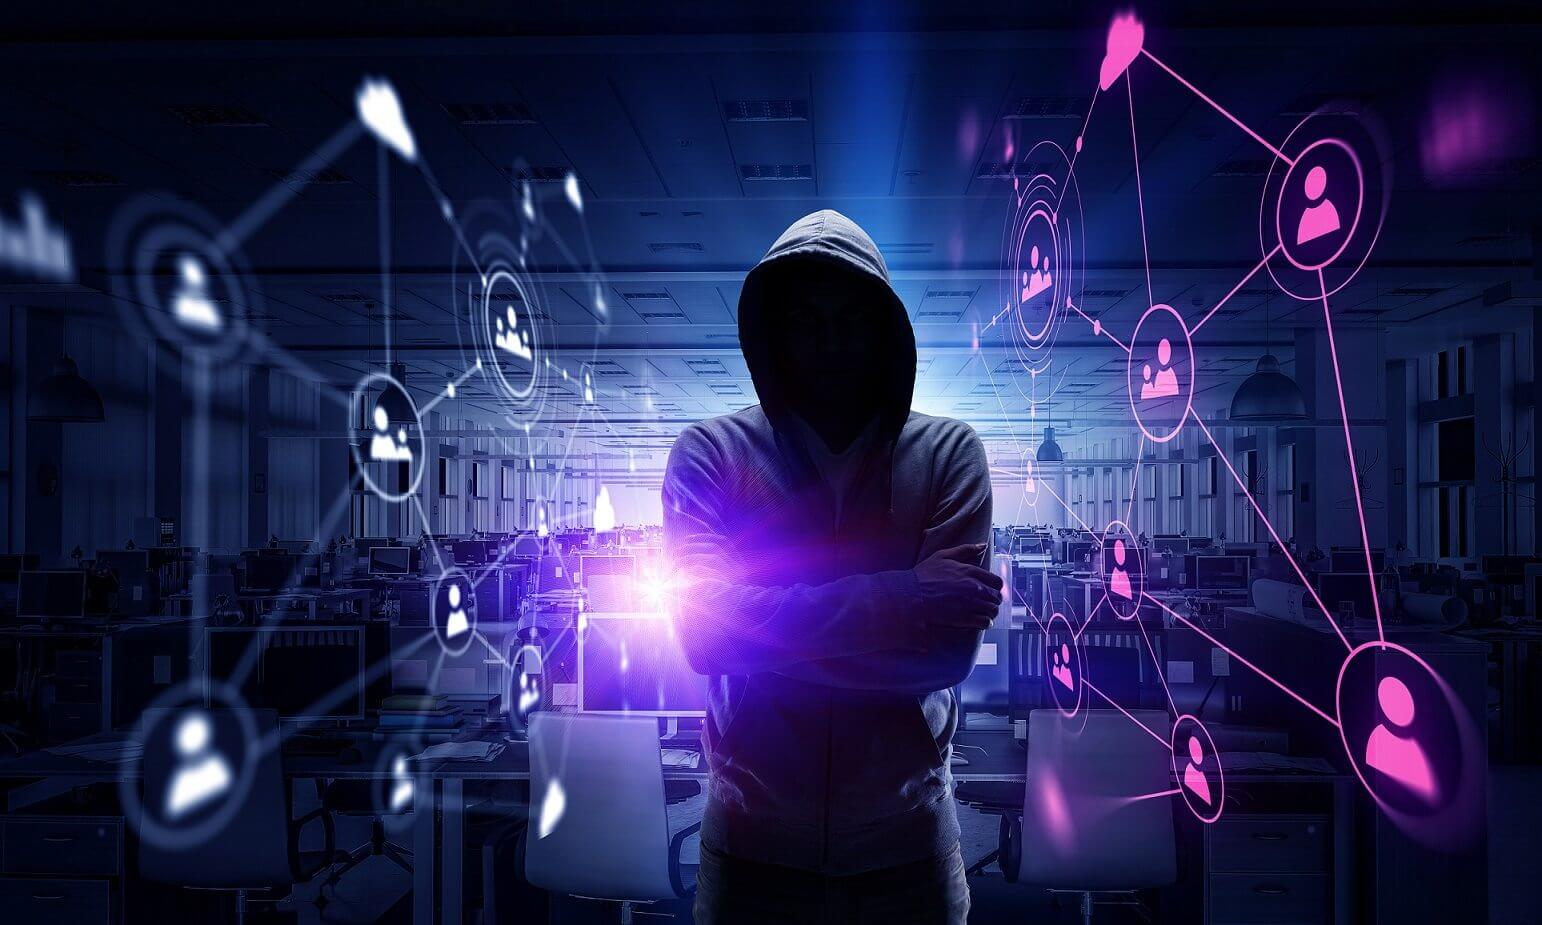 Hackers divulgam 1.4 bilhão de senhas de serviços como Netflix e Bitcoin 5